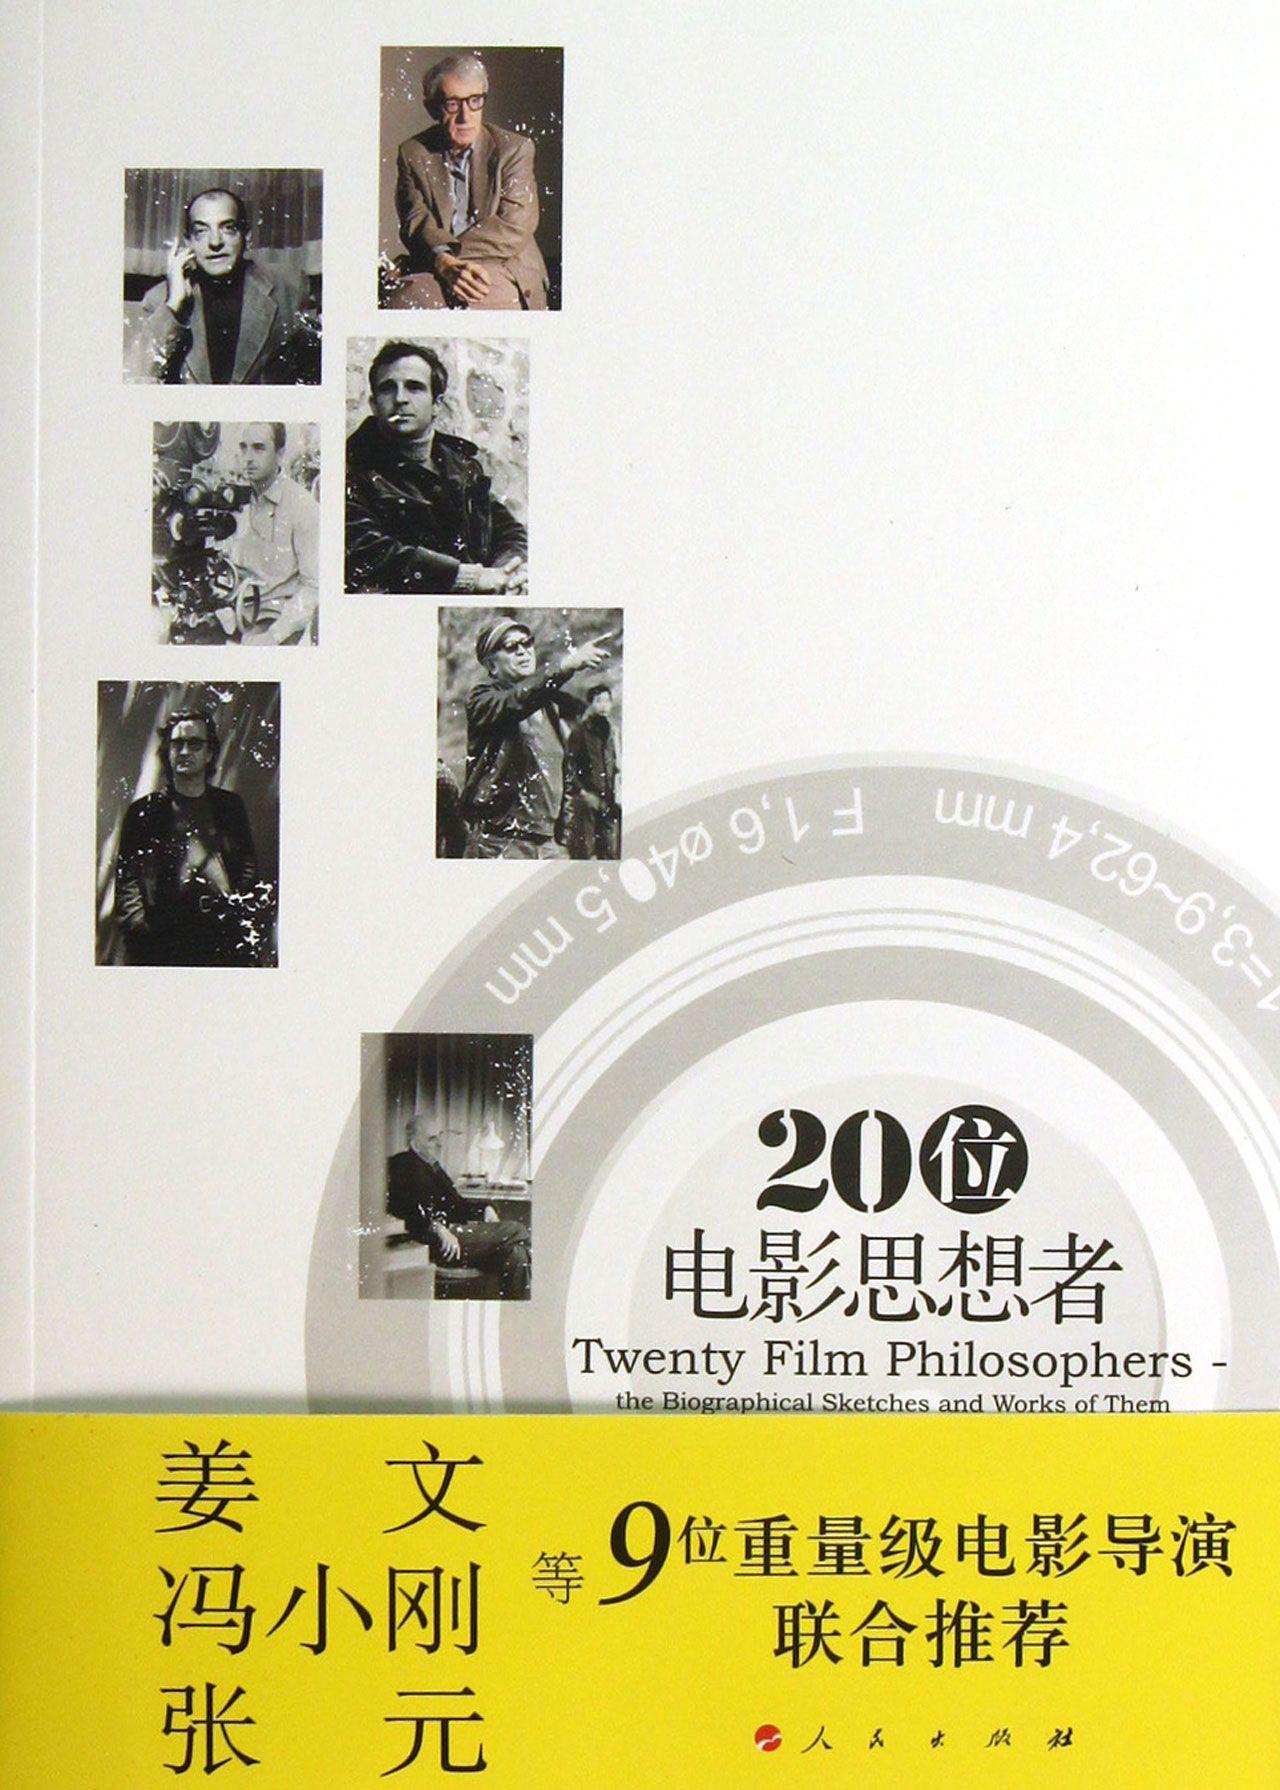 20位電影思想者